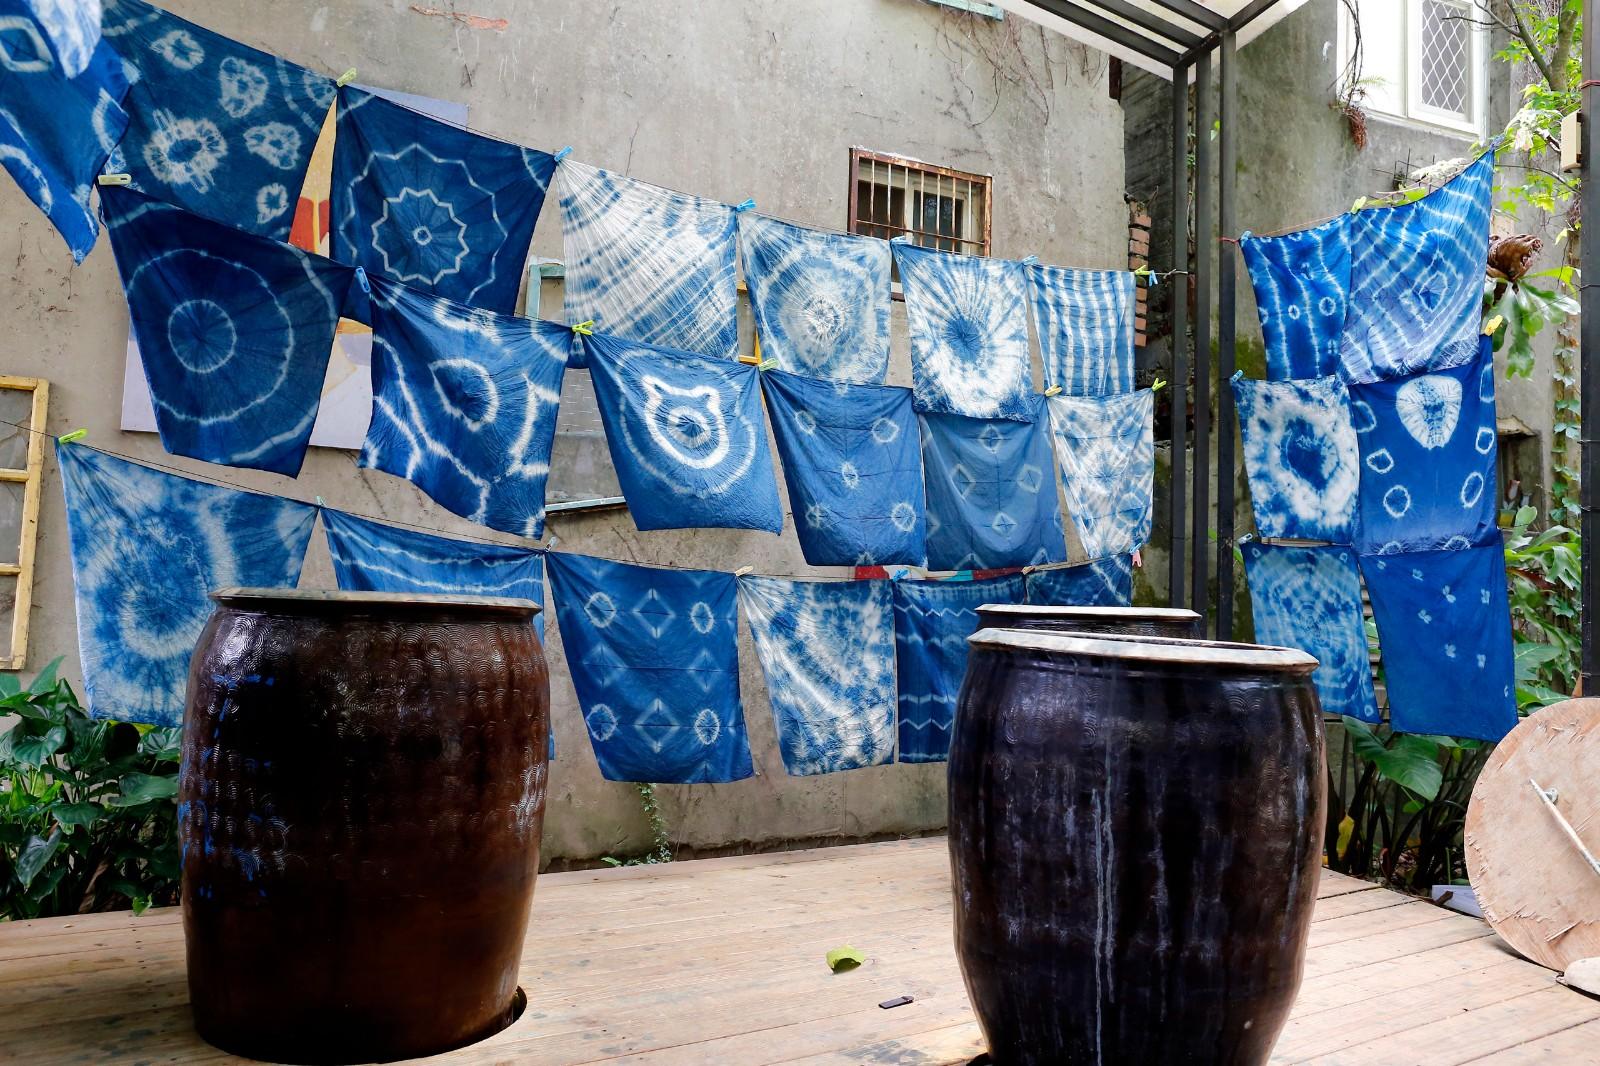 一日職人DIY體驗 - 三峽藍染工藝手作 | 甘樂文創 | 甘之如飴,樂在其中